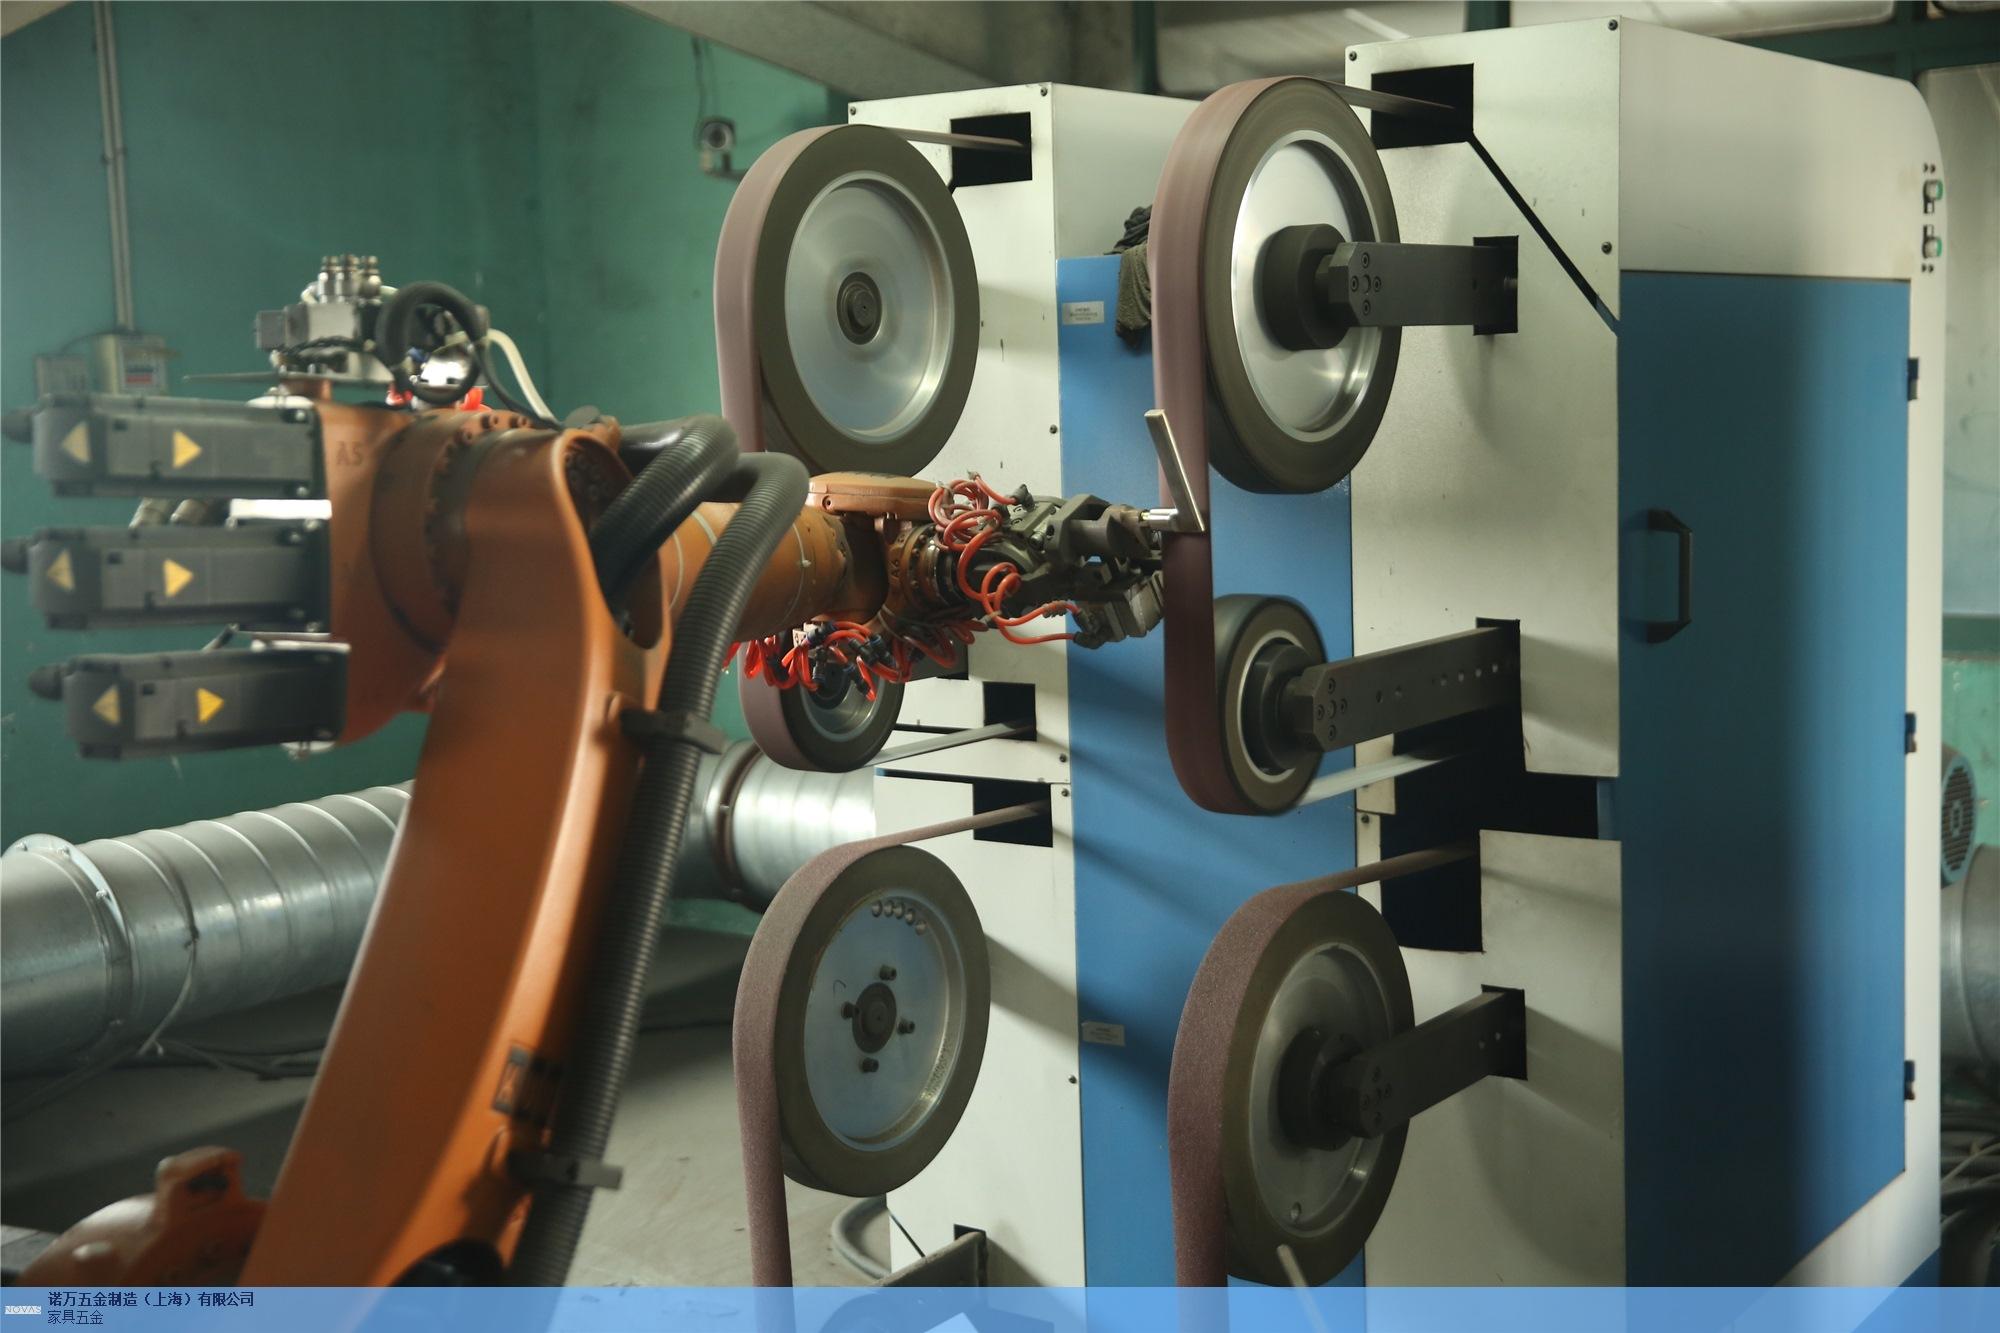 原装机器人抛光打磨专业团队在线服务,机器人抛光打磨